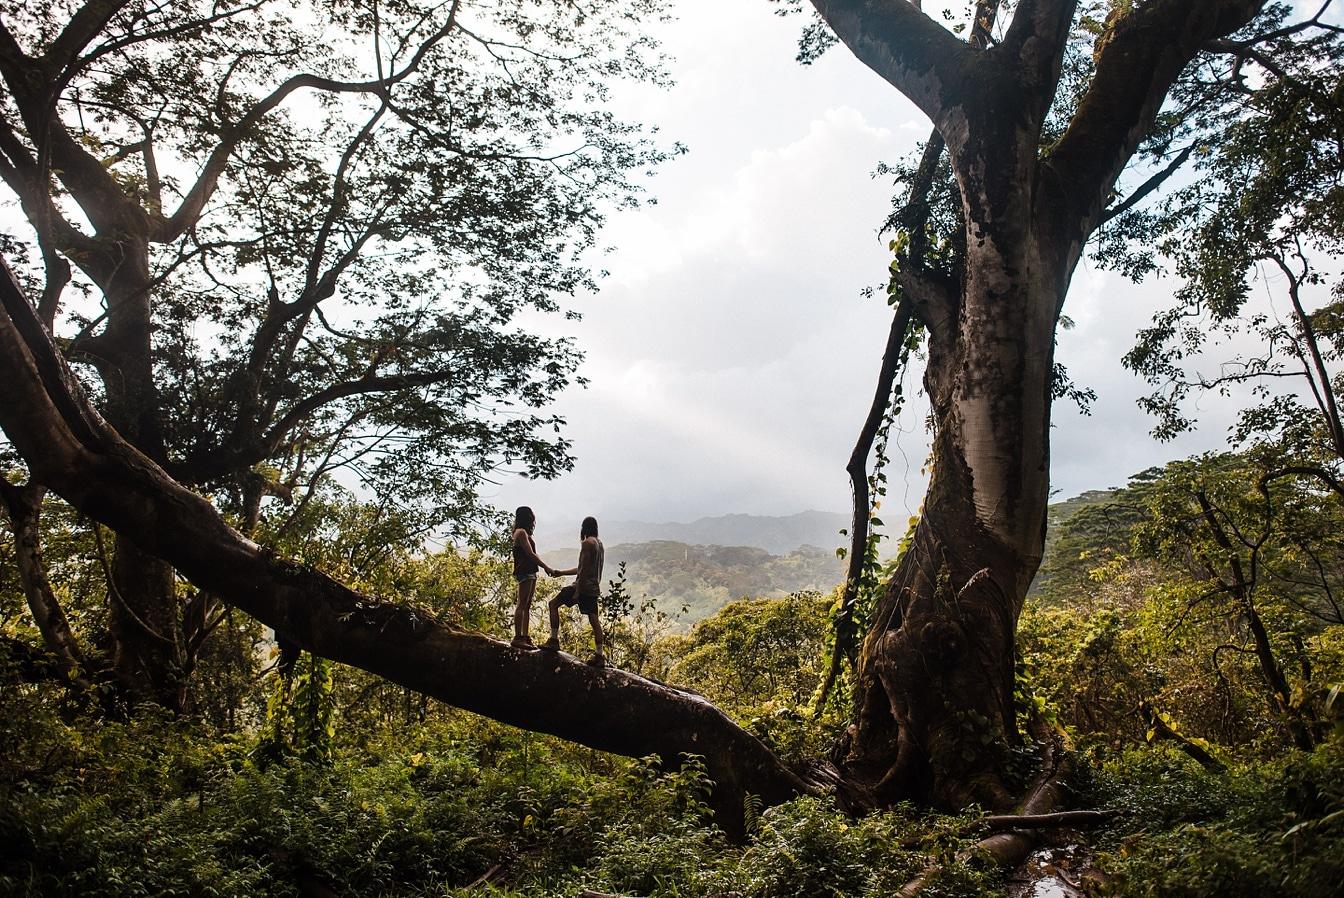 Kauai Elopement hikes